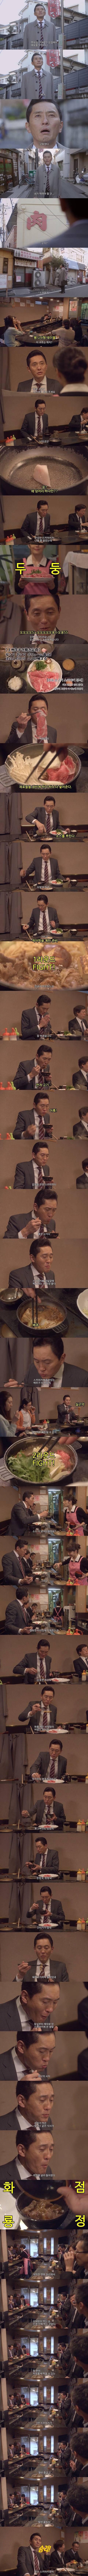 드라마 고독한미식가 스키야키 먹방 | 인스티즈